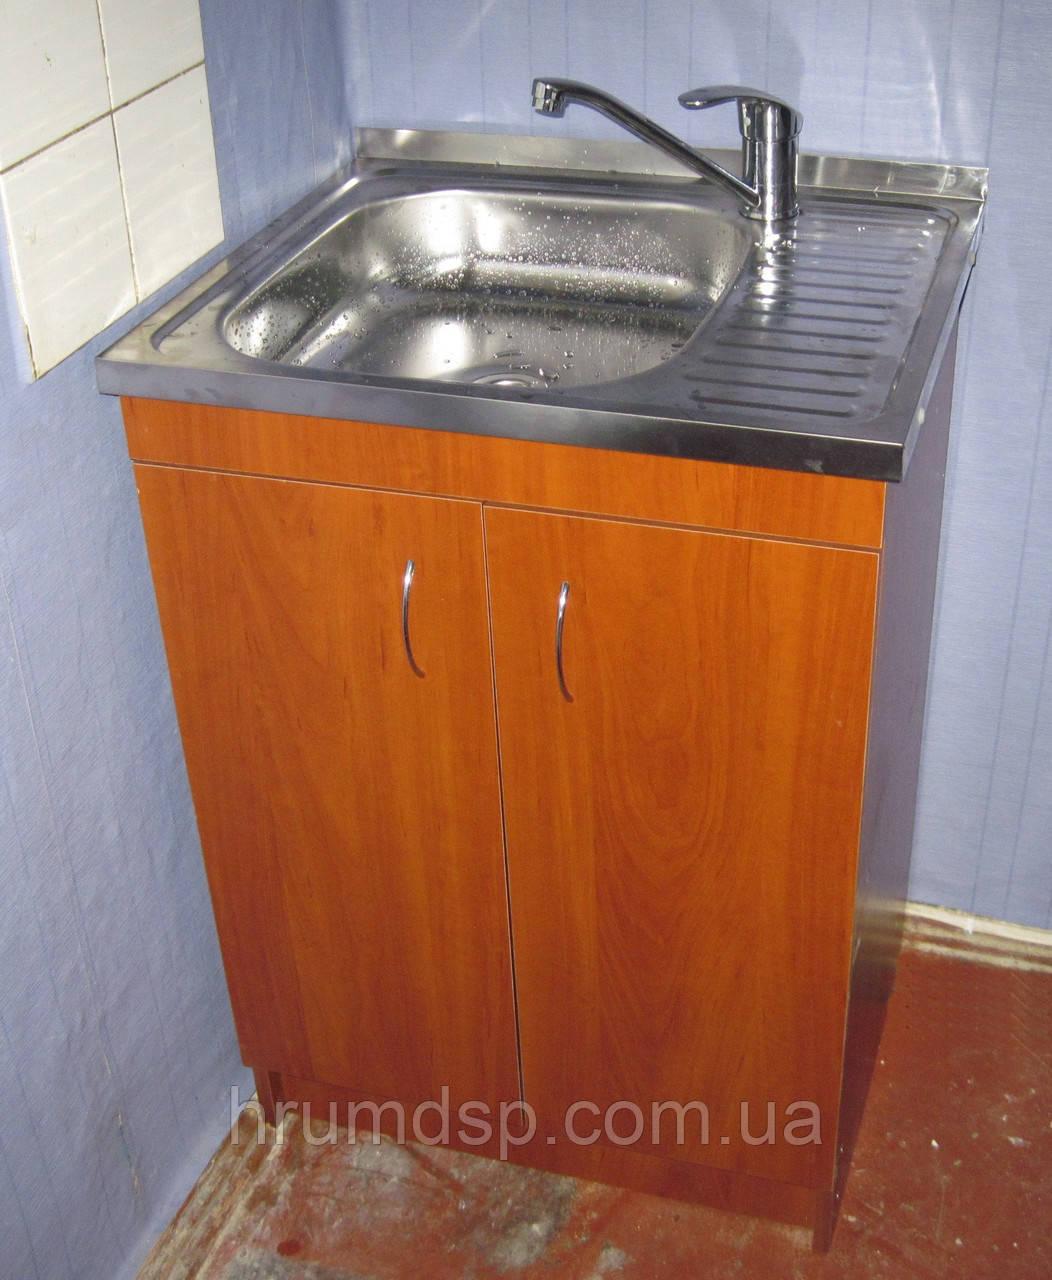 Мойка кухонная 60х50 с тумбой и кран HAIBA ZEON